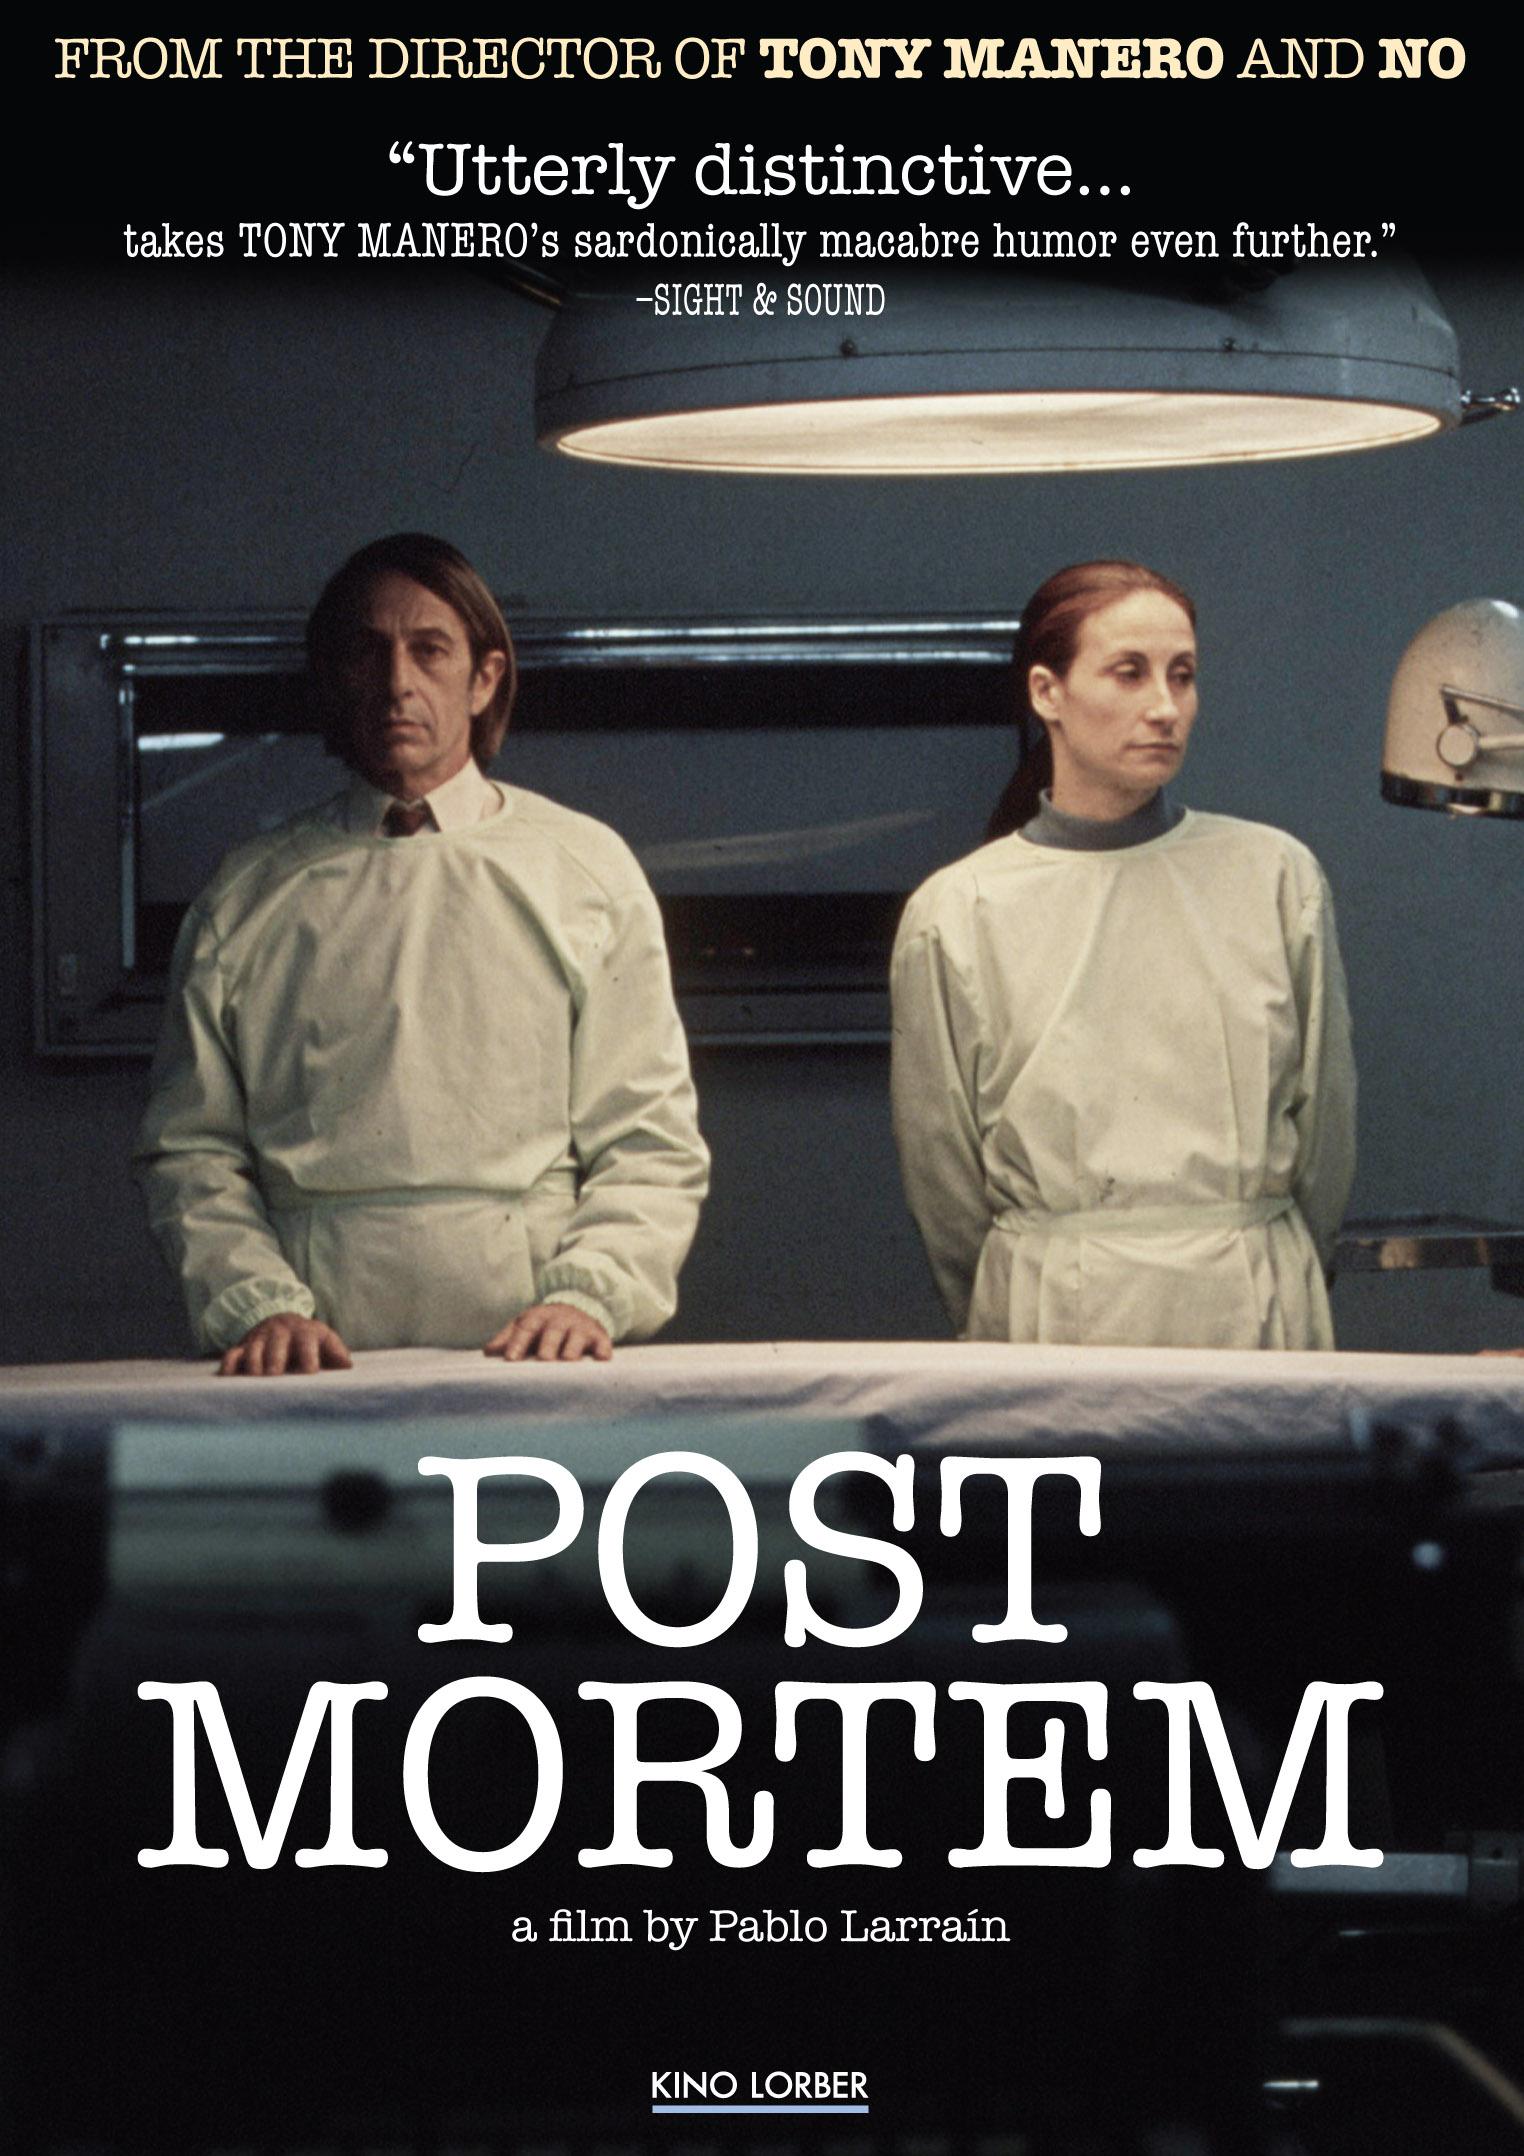 Post Mortem- Pablo Larraín, 2010